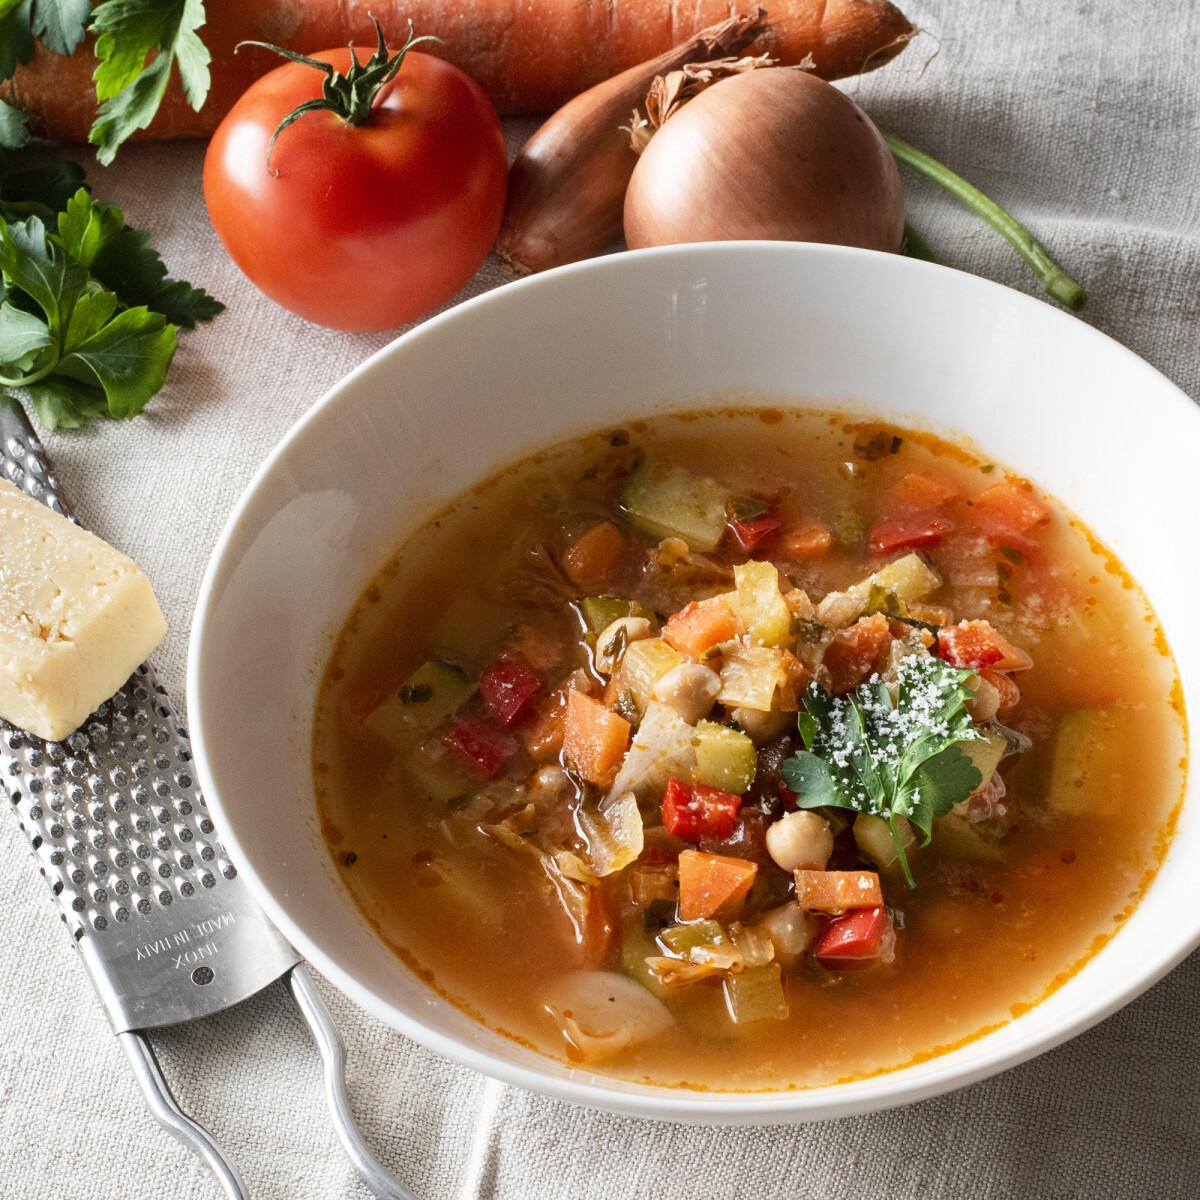 Ezen a képen: Csicseriborsós minestrone